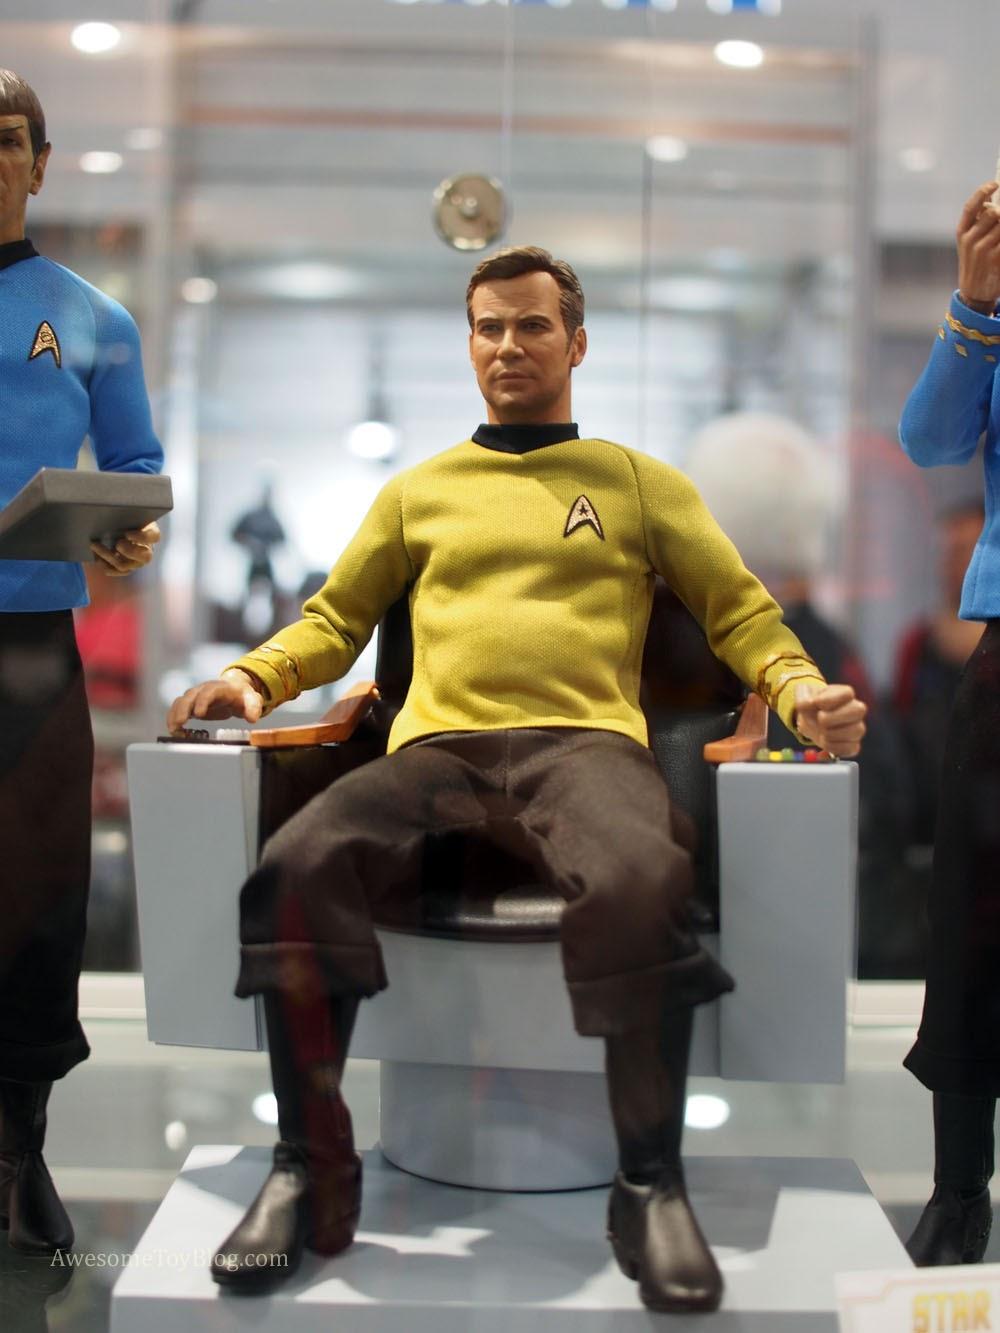 The Trek Collective Qmx S Uss Franklin Huge Action